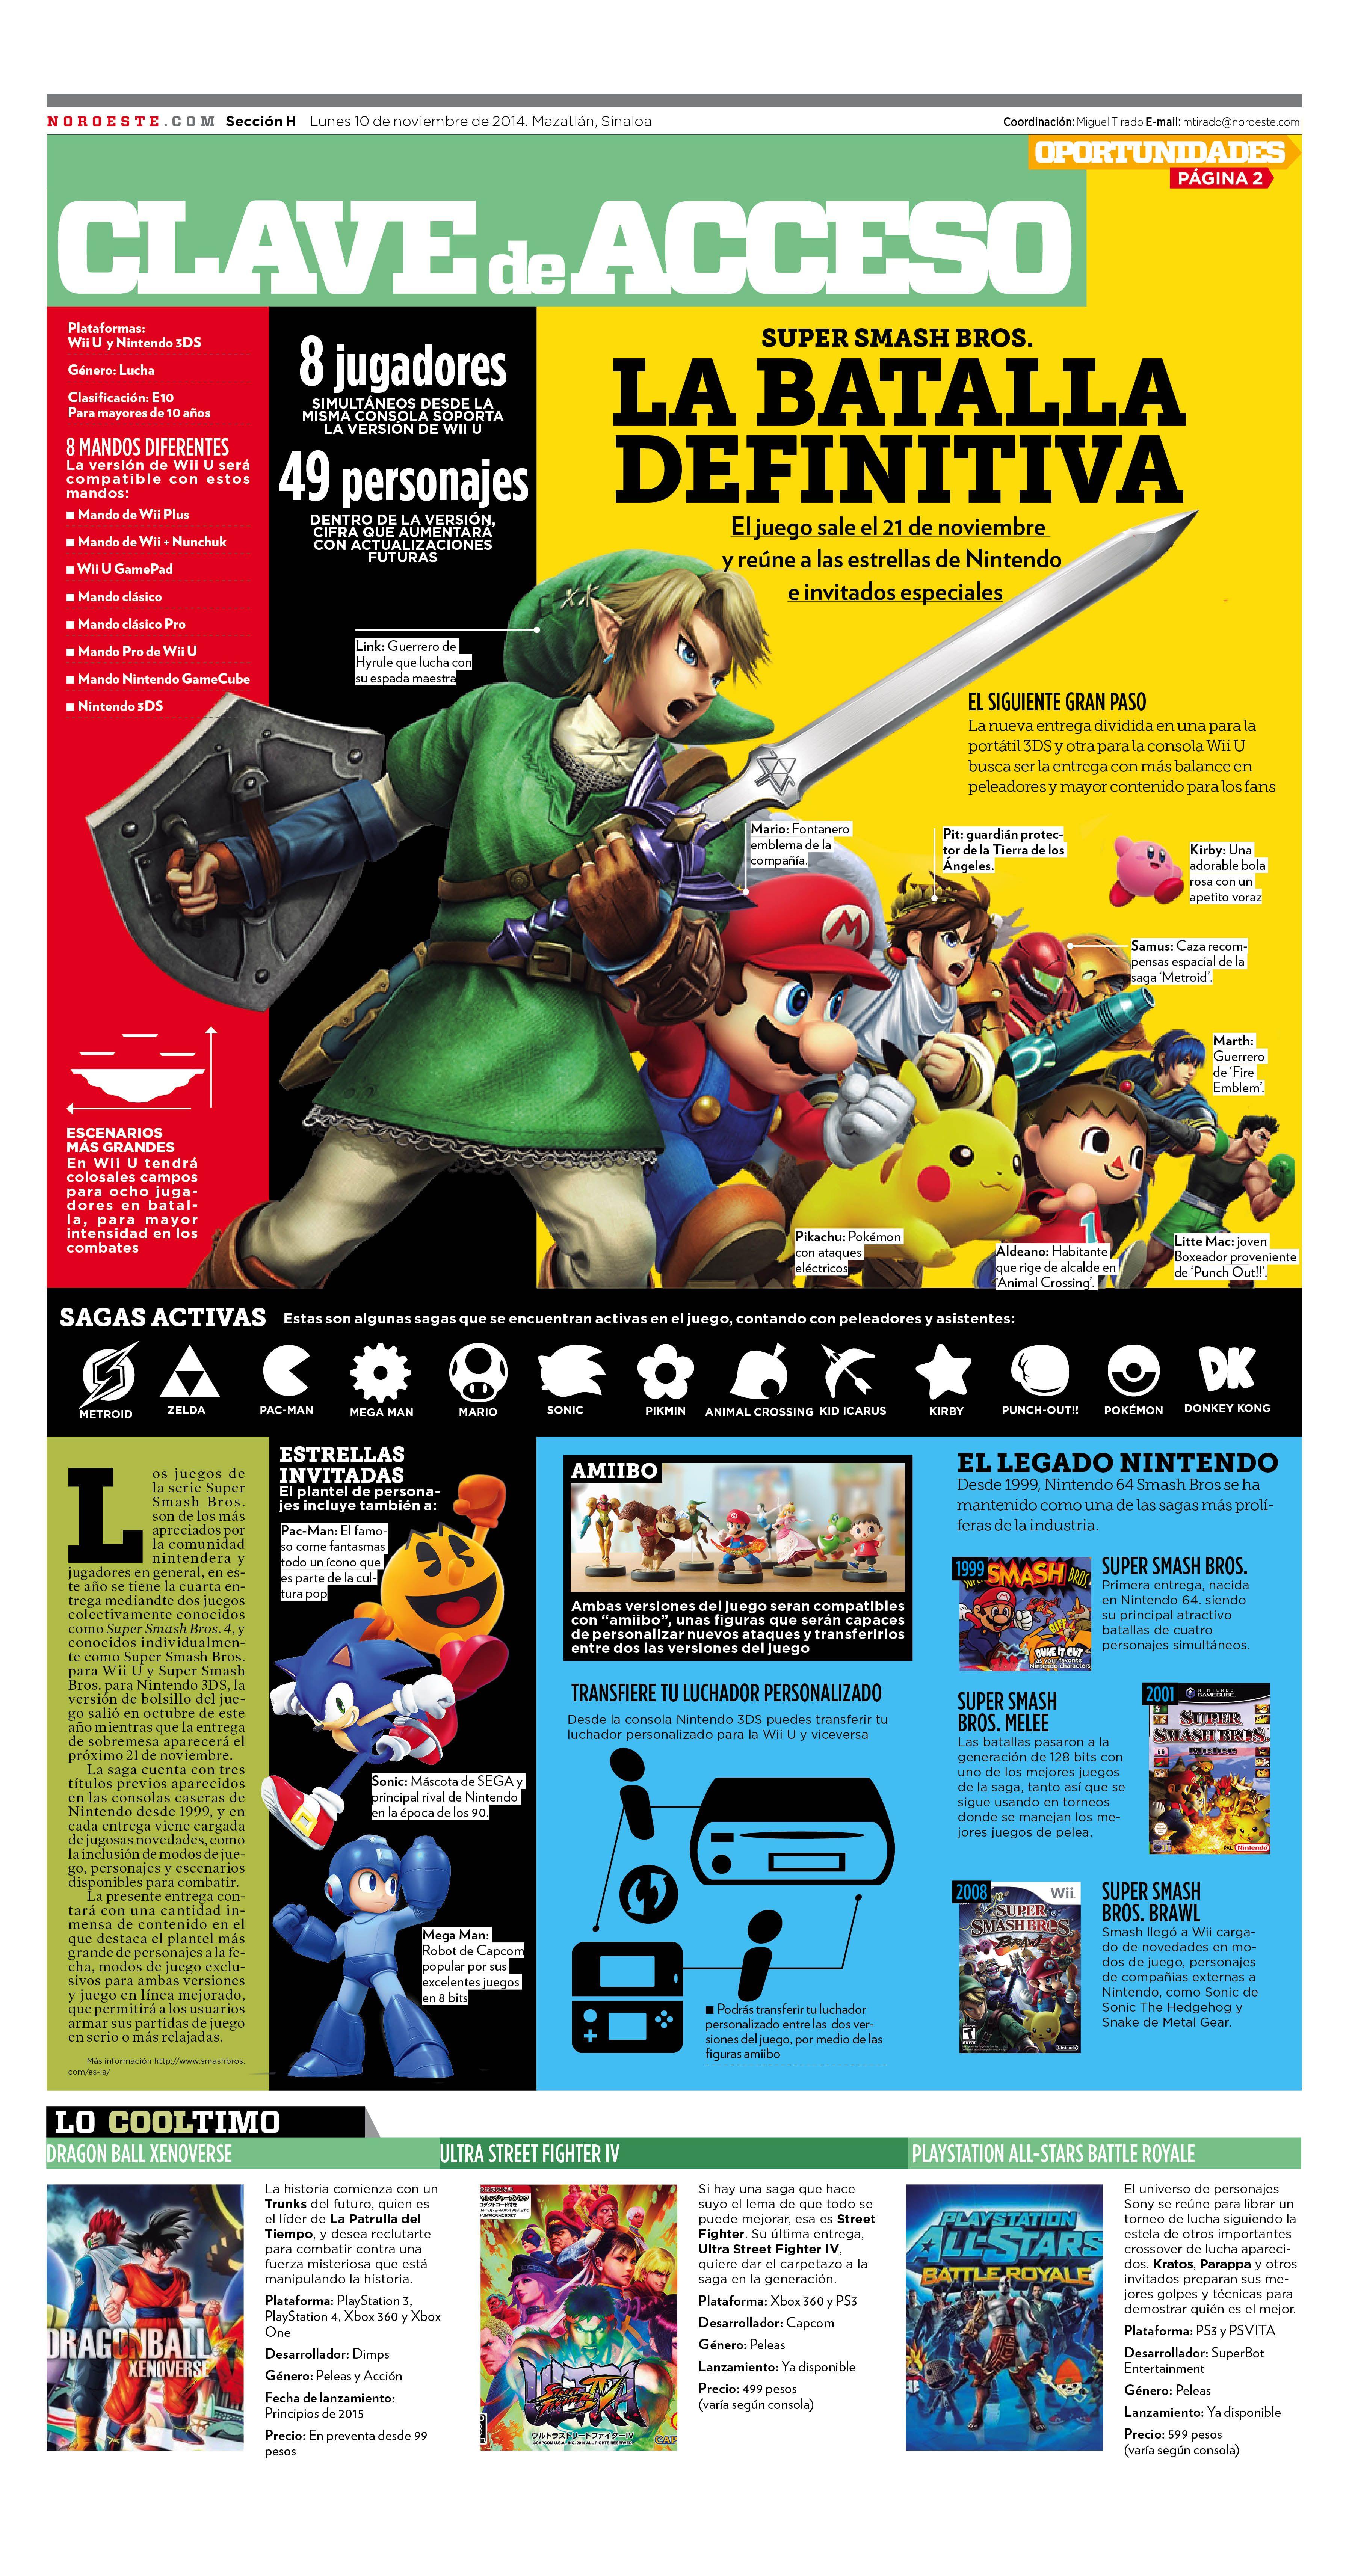 Super Smash Bros Para Wii U Y 3ds Smashbros Nintendo Editorial Infographic Infografia Zelda Sonic Mario Comic Book Cover Book Cover Comic Books